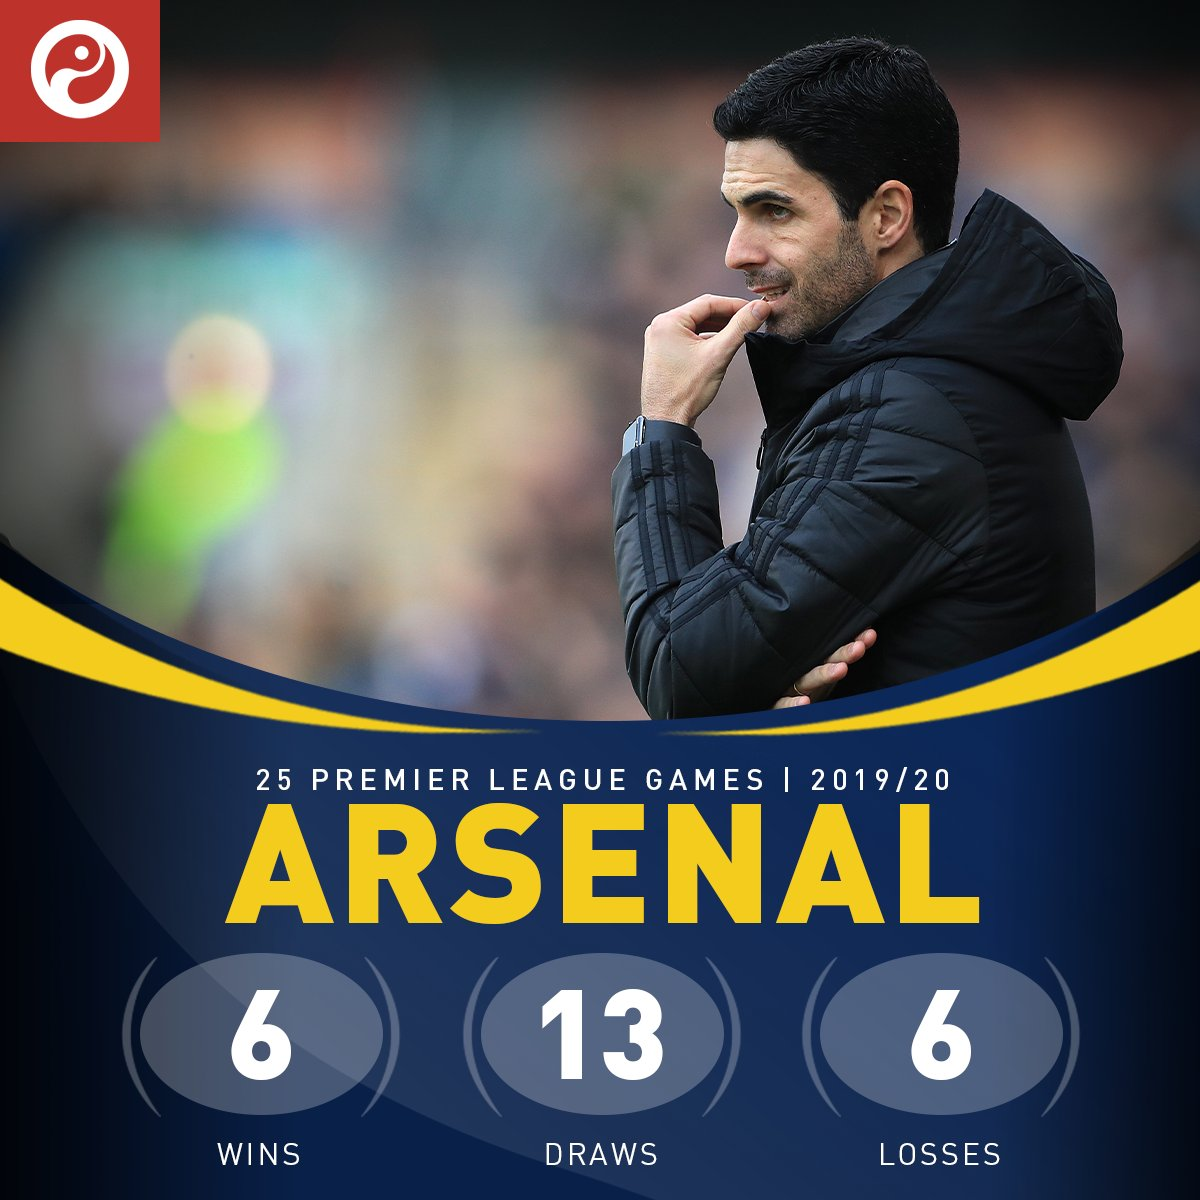 25轮6胜,阿森纳本赛季胜场倒数第3,仅仅高于垫底两队